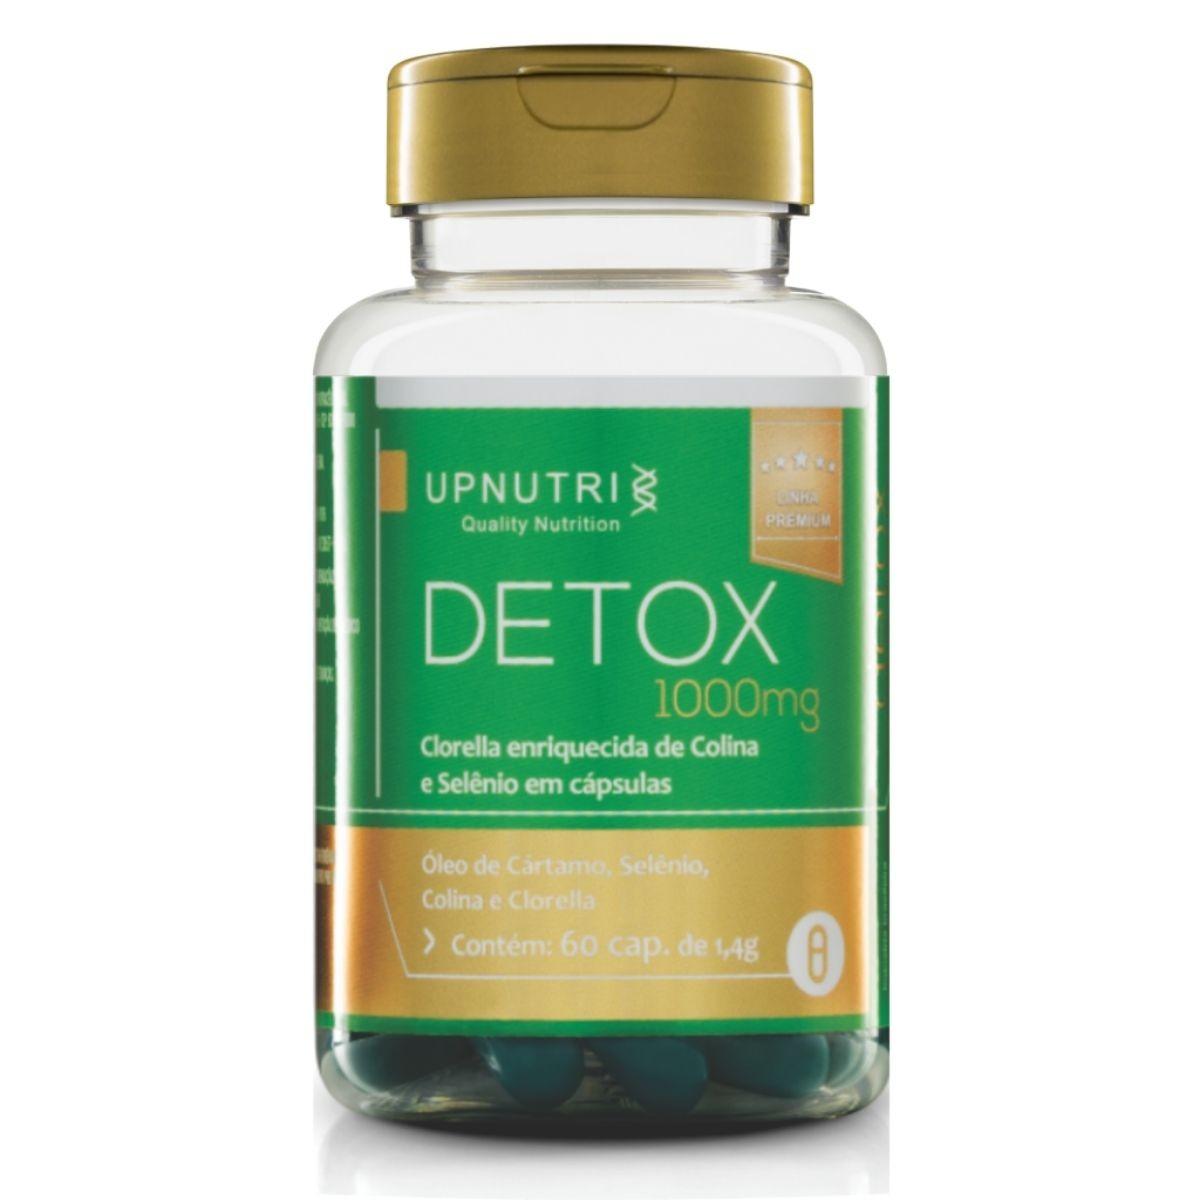 Detox 60 Cápsulas 1000mg Upnutri  - Clorella, Colina, Selênio e Óleo de Cartámo